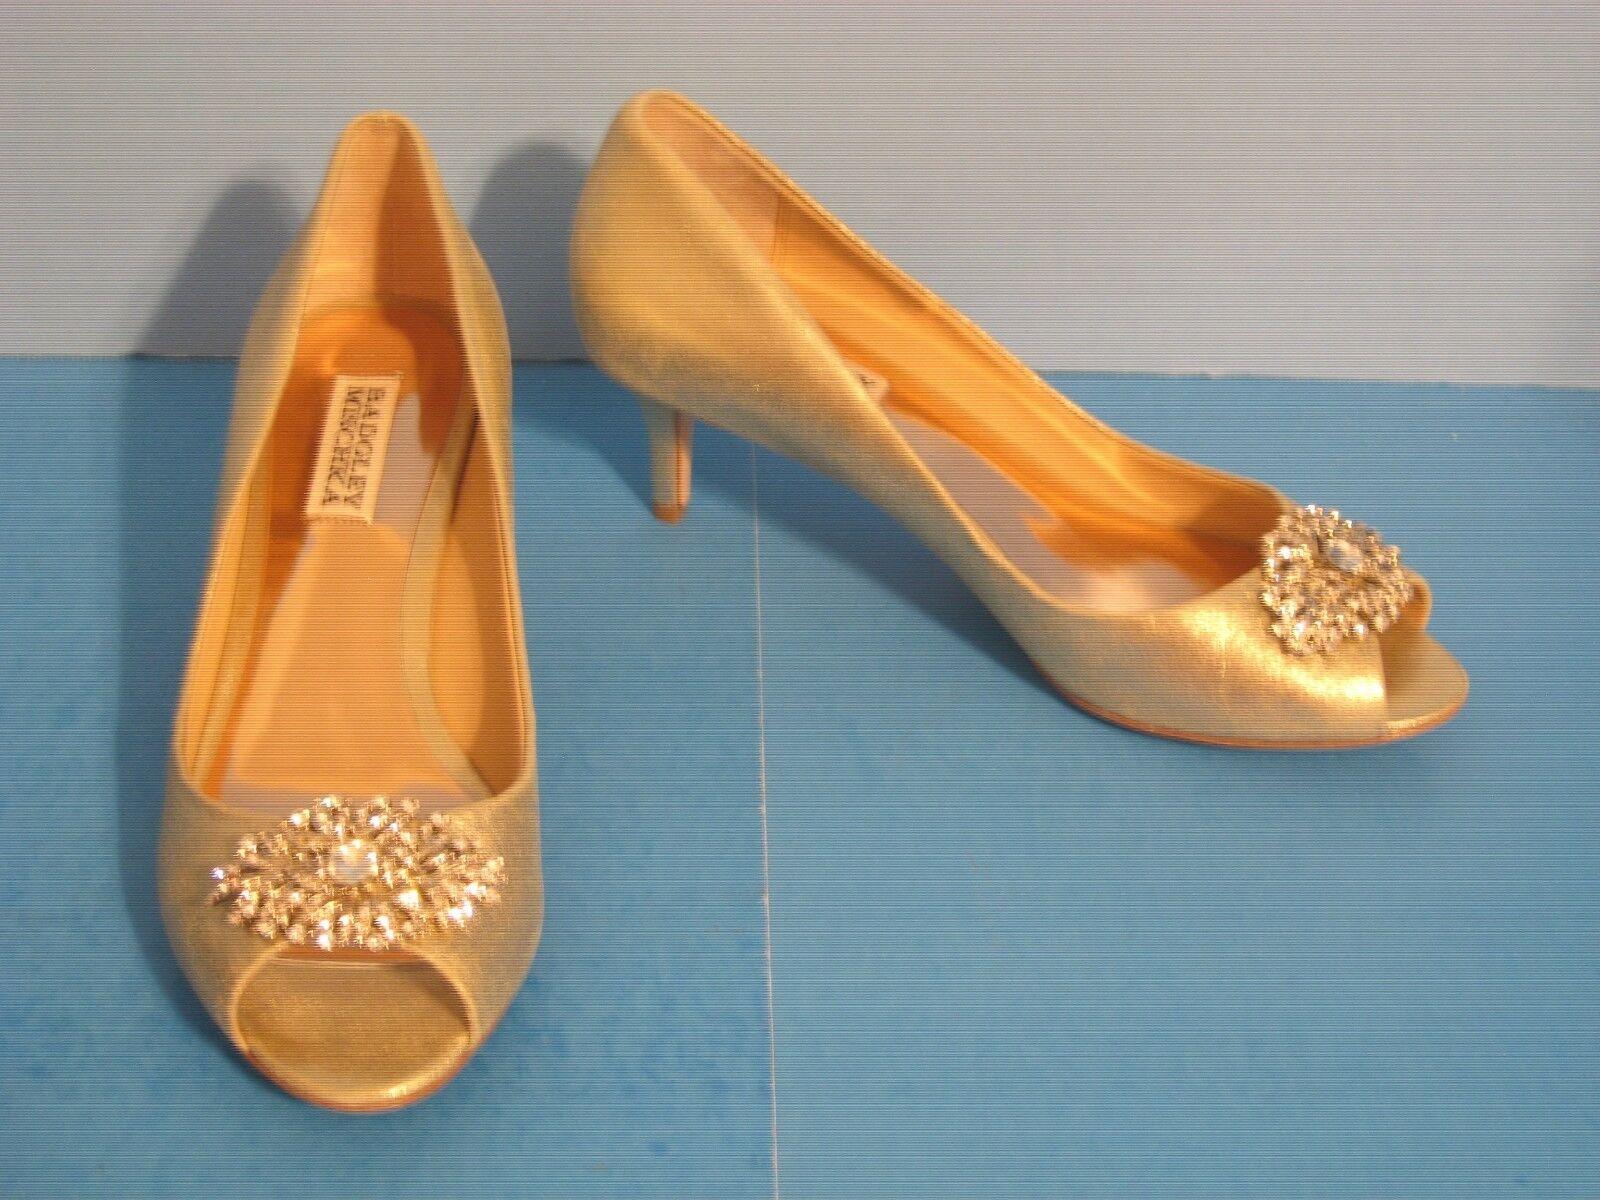 il prezzo più basso NIB Badgley Badgley Badgley Mischka Layla Platino Metallic Jeweled Peep Toe Kitten Heel Pumps 8  gli ultimi modelli